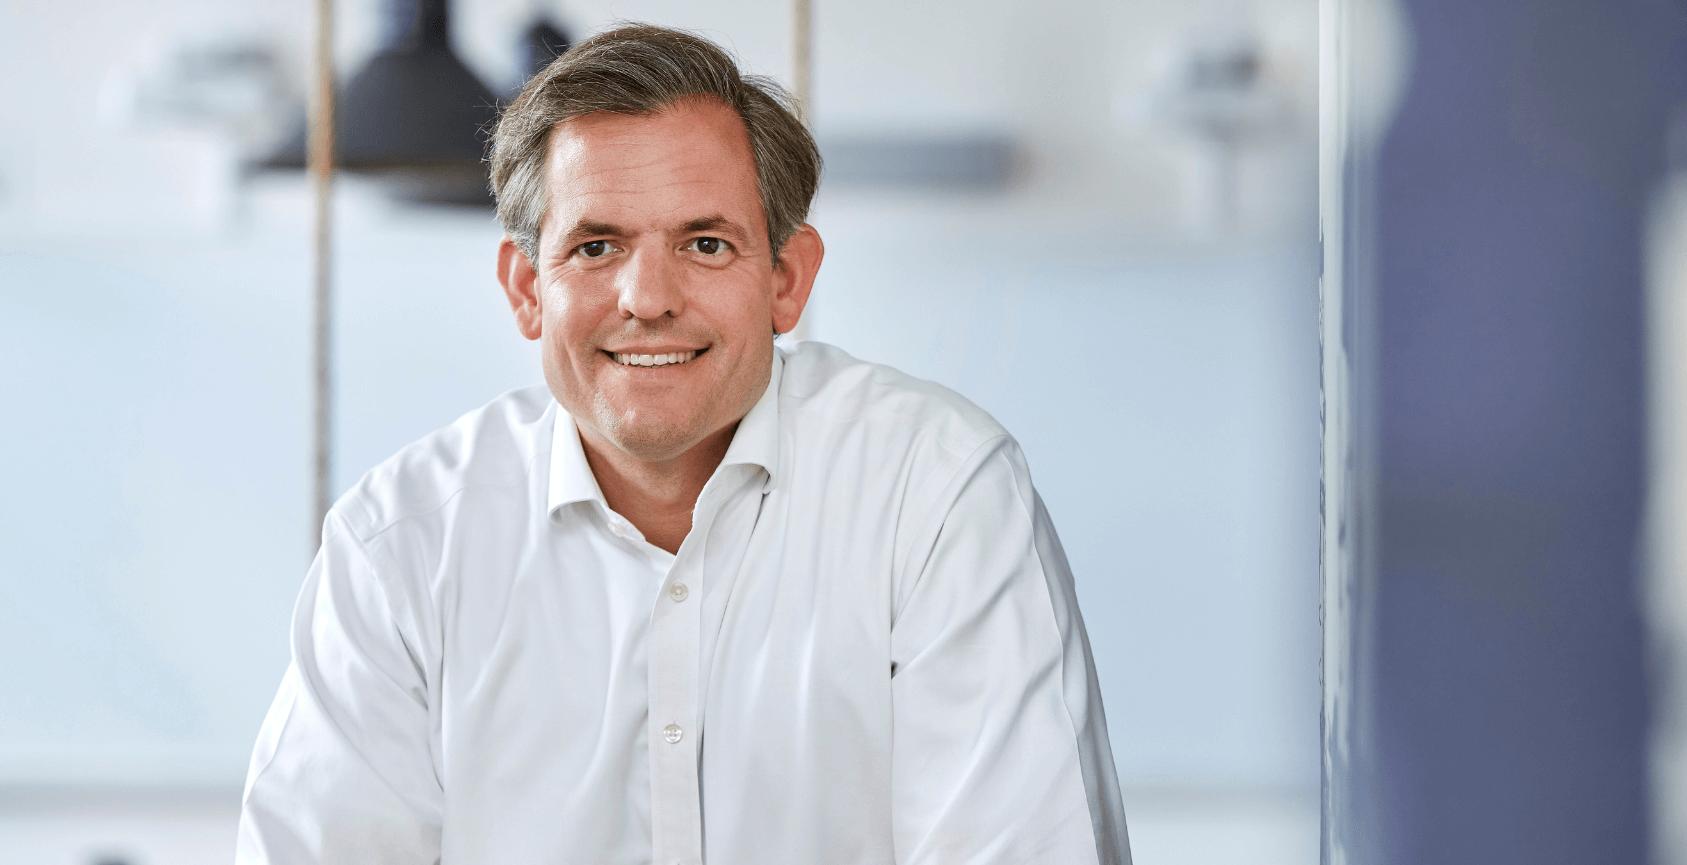 Chief Financial Officer: Change Agent und Business Leader-Foto Dr. Thomas M. Fischer